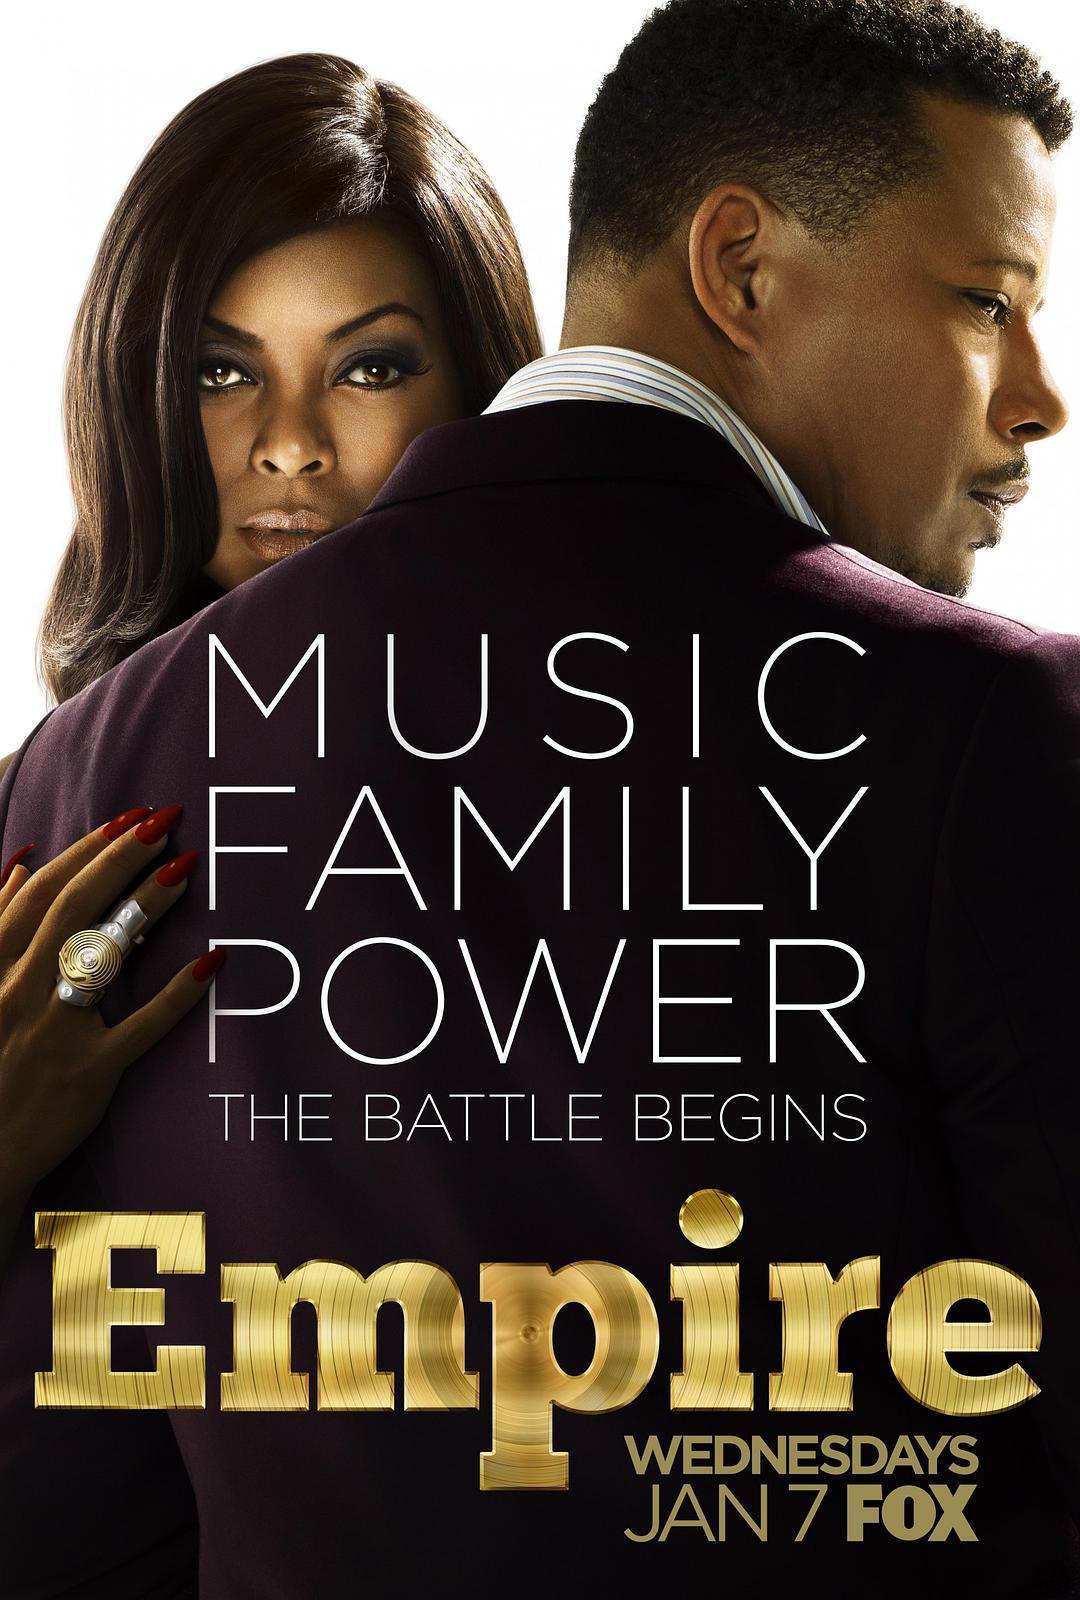 嘻哈帝国 第一季